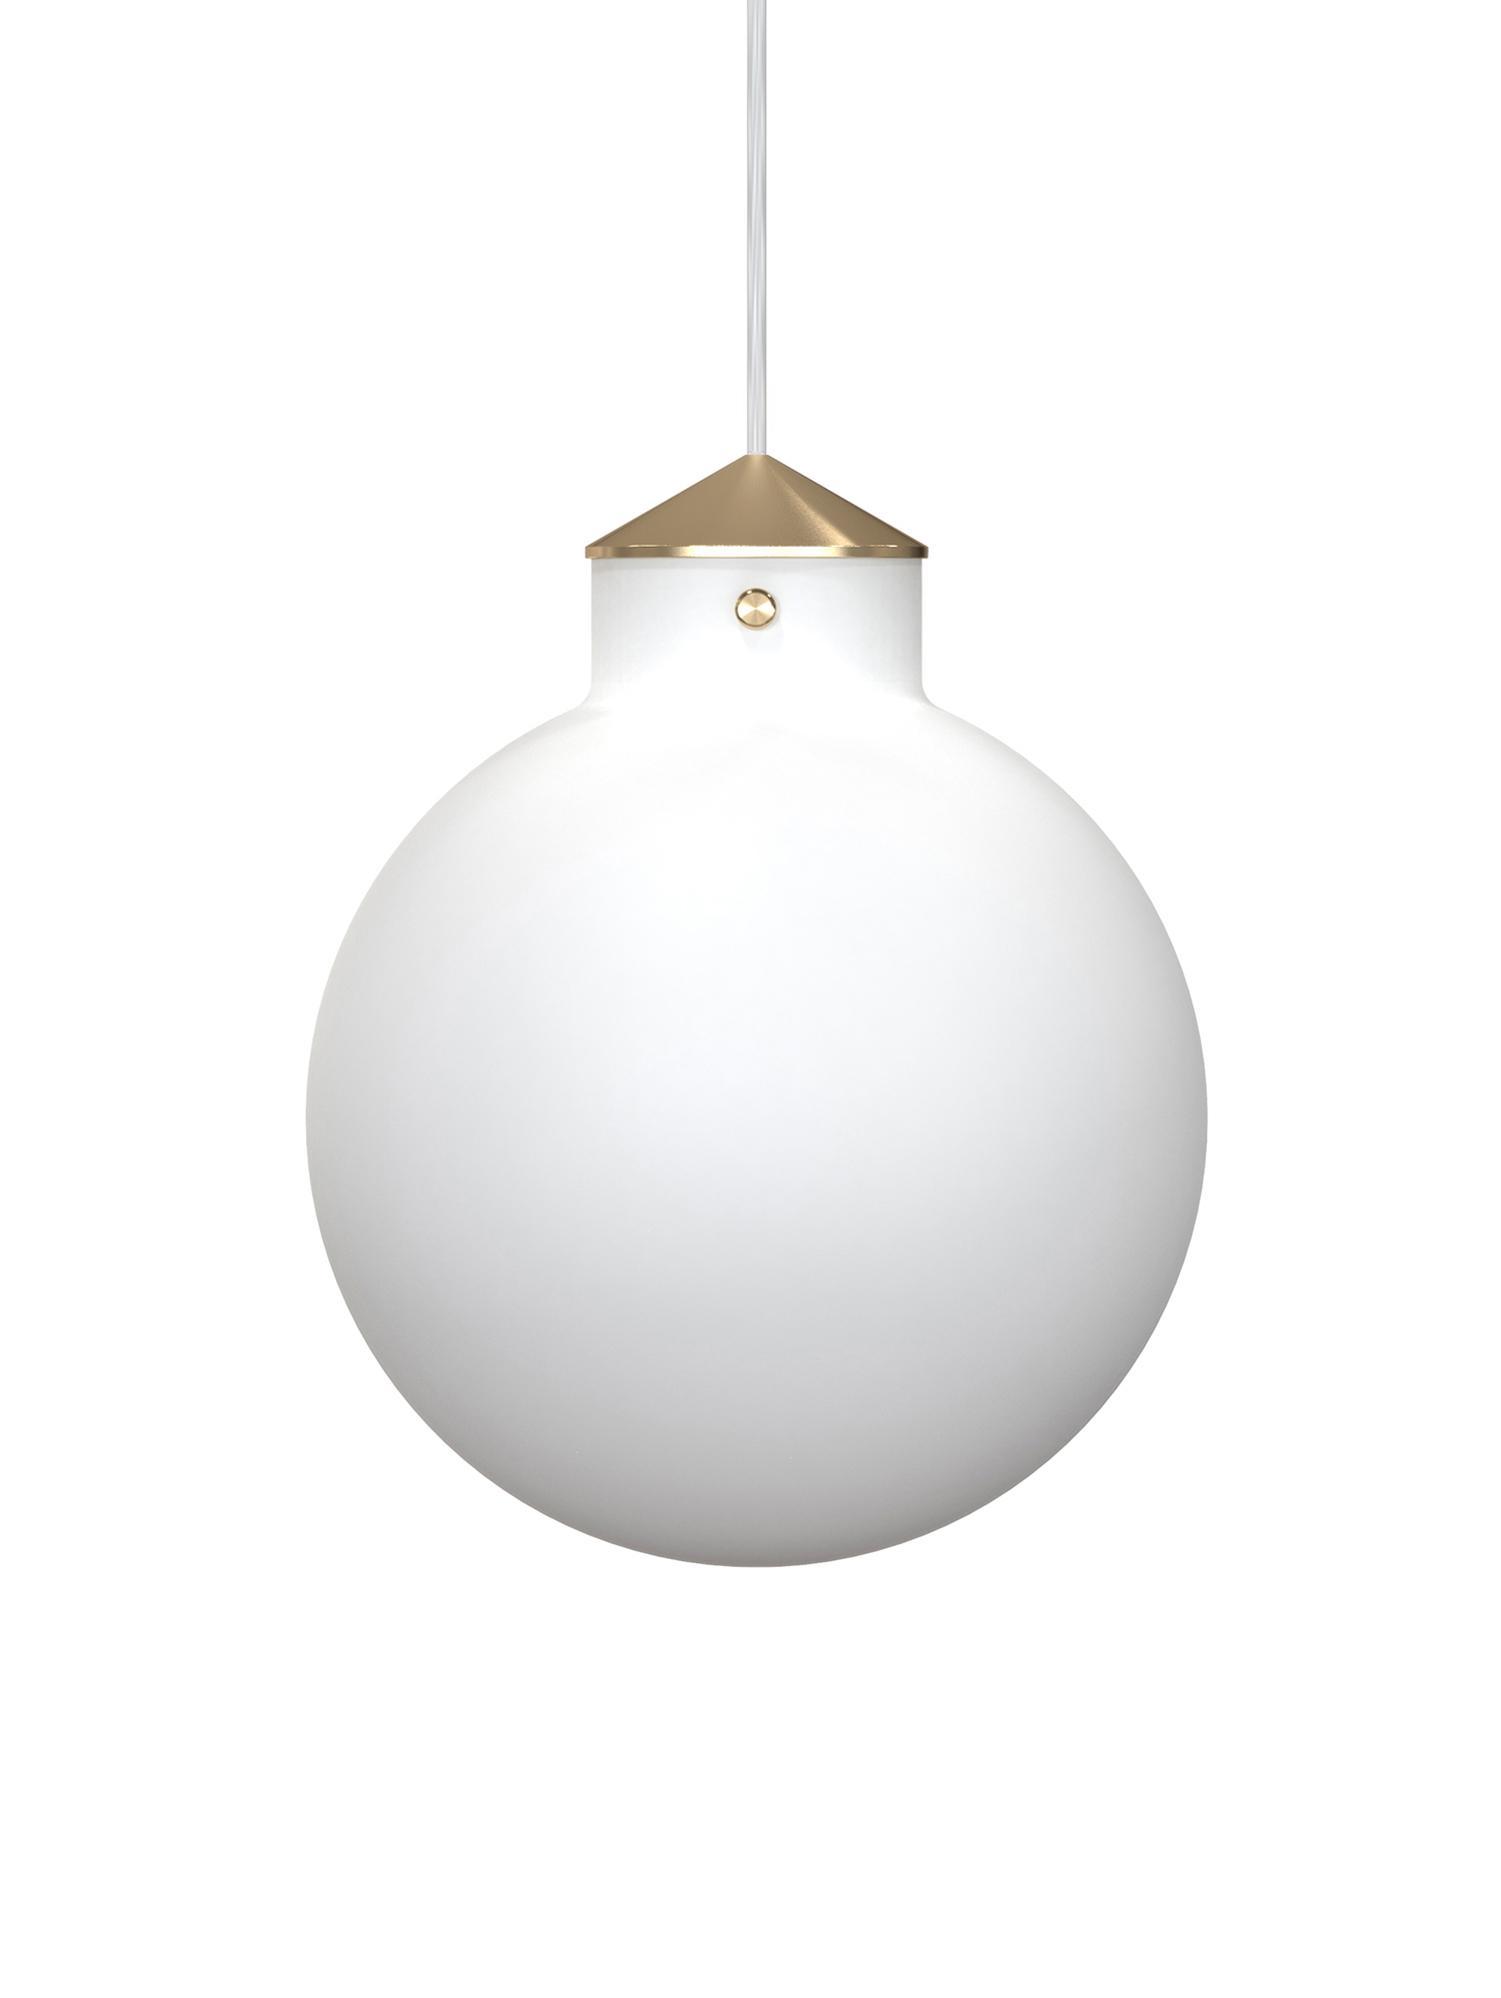 Lampada a sospensione Raito, Vetro opale, metallo, Bianco opalino, ottone, Ø 30 x Alt. 37 cm